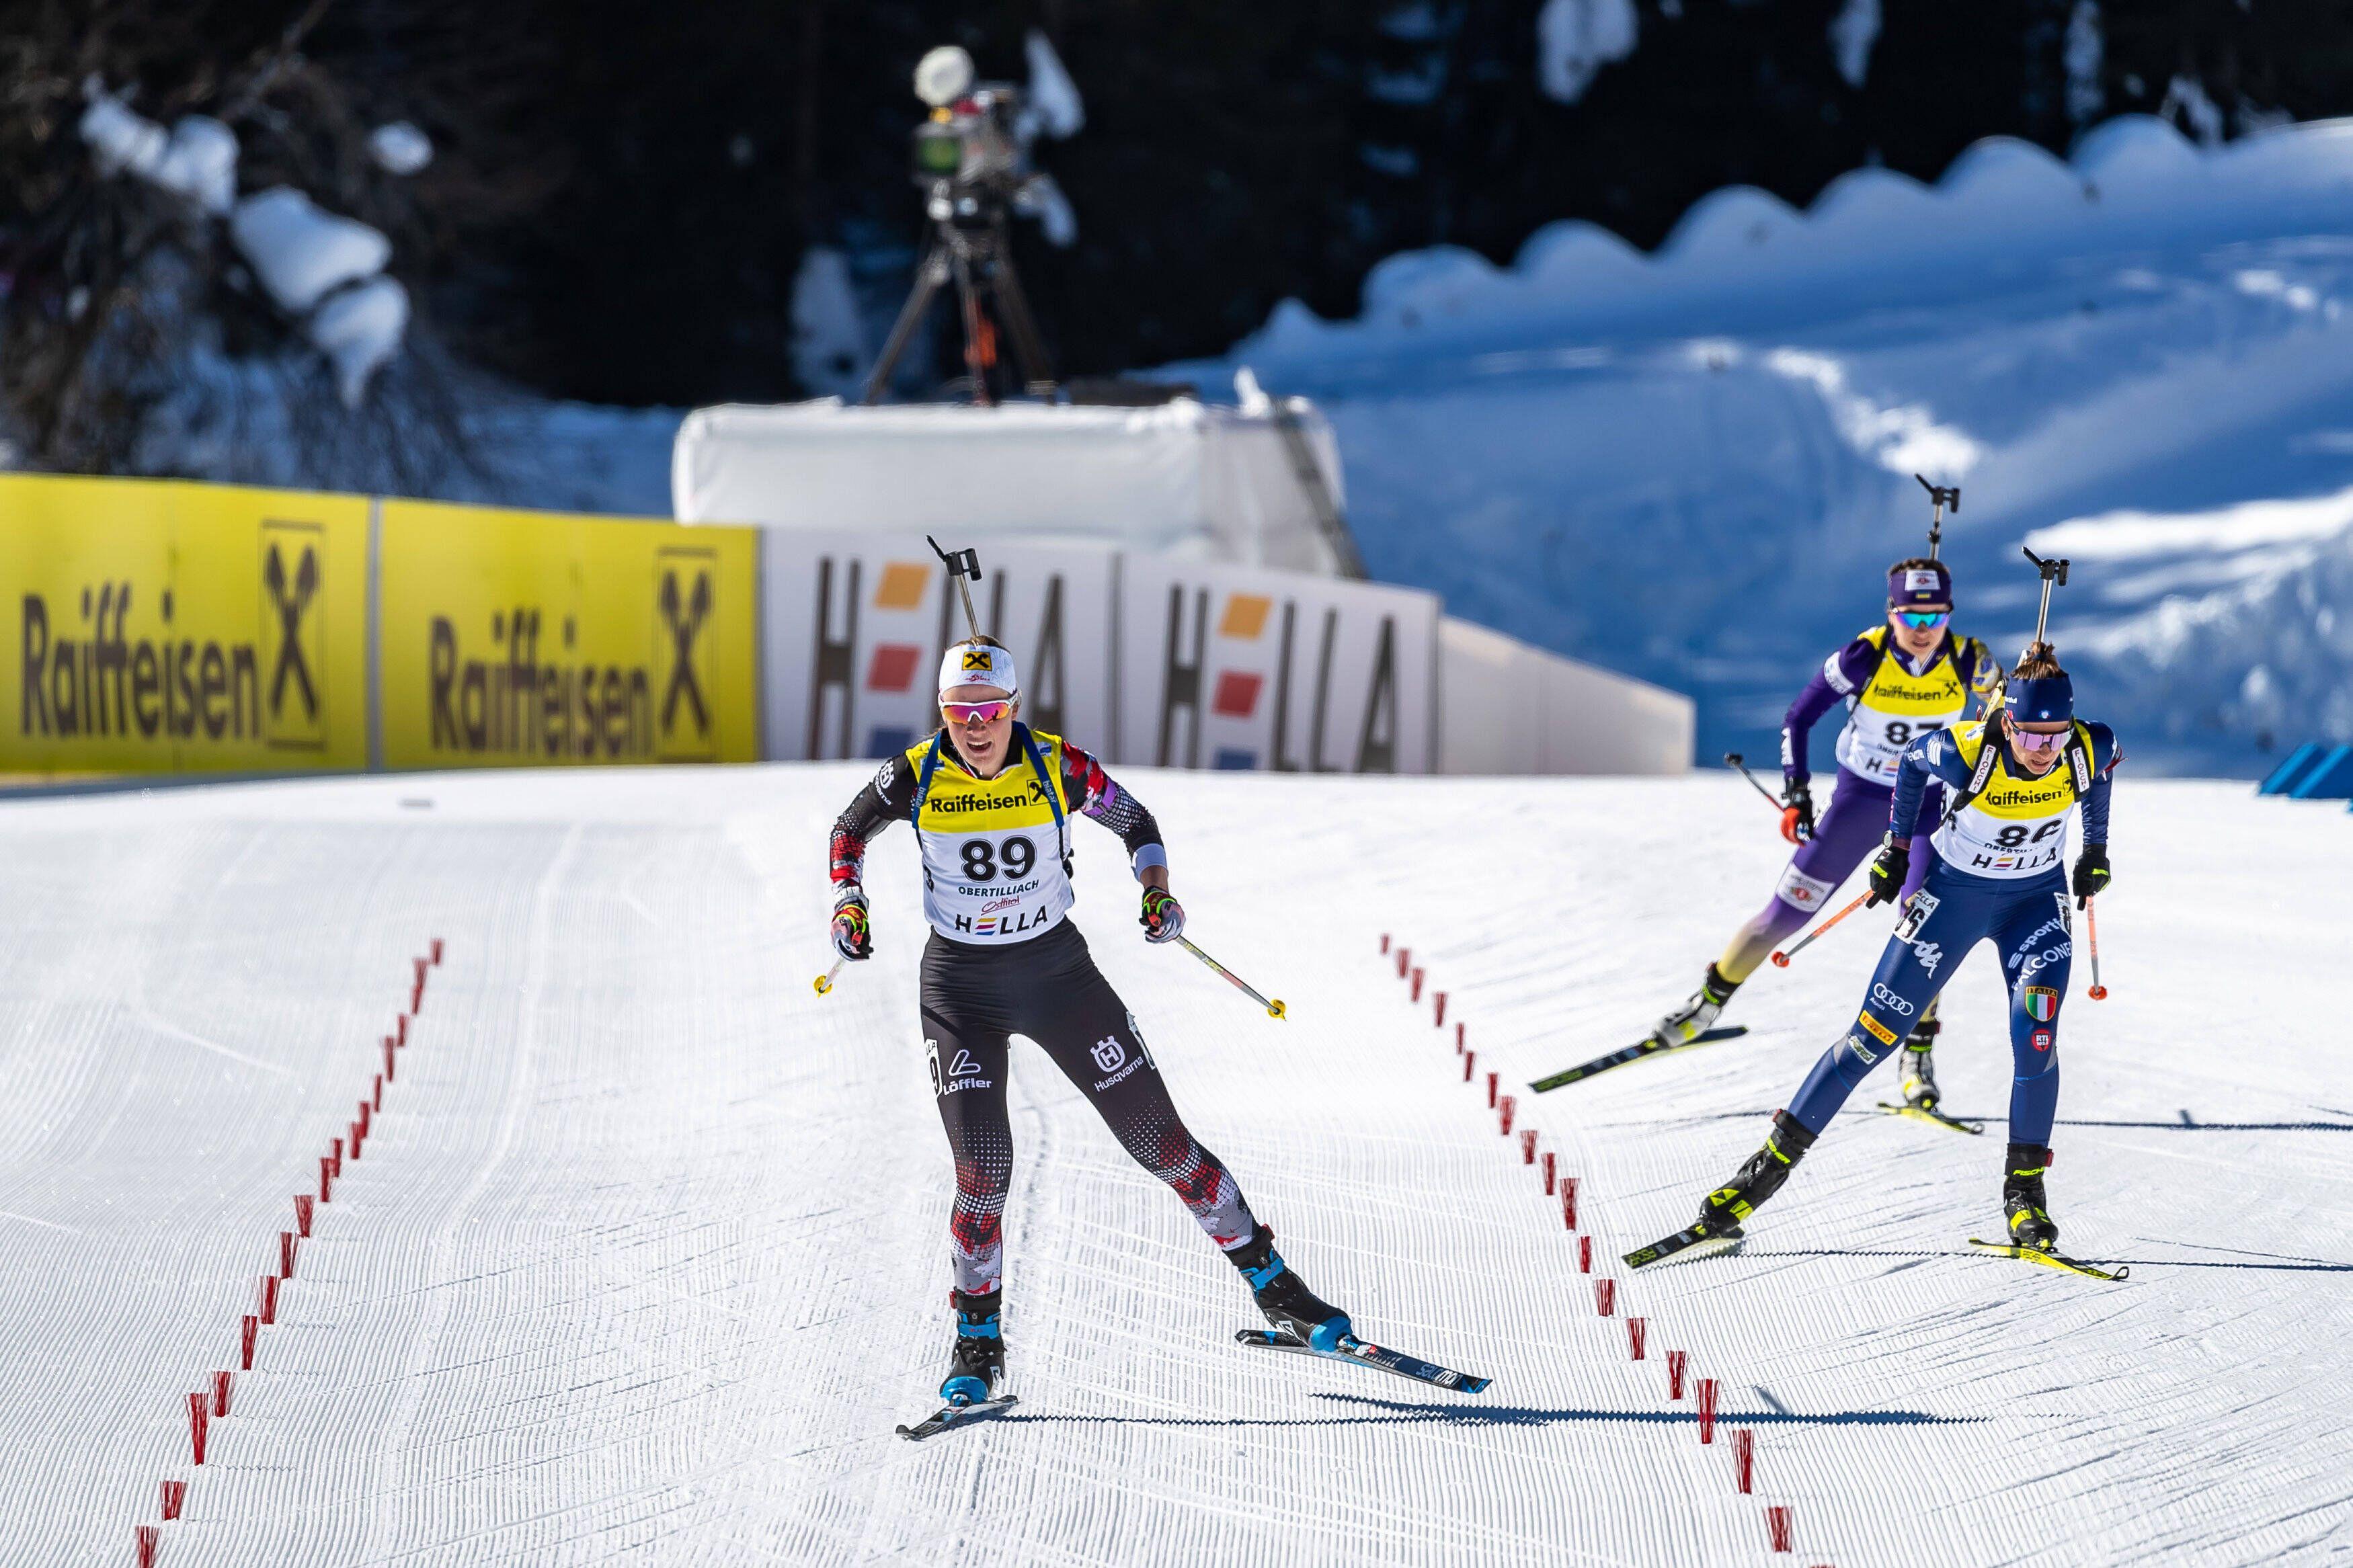 Иродов стал двукратным чемпионом мира среди юношей: все результаты Россиян